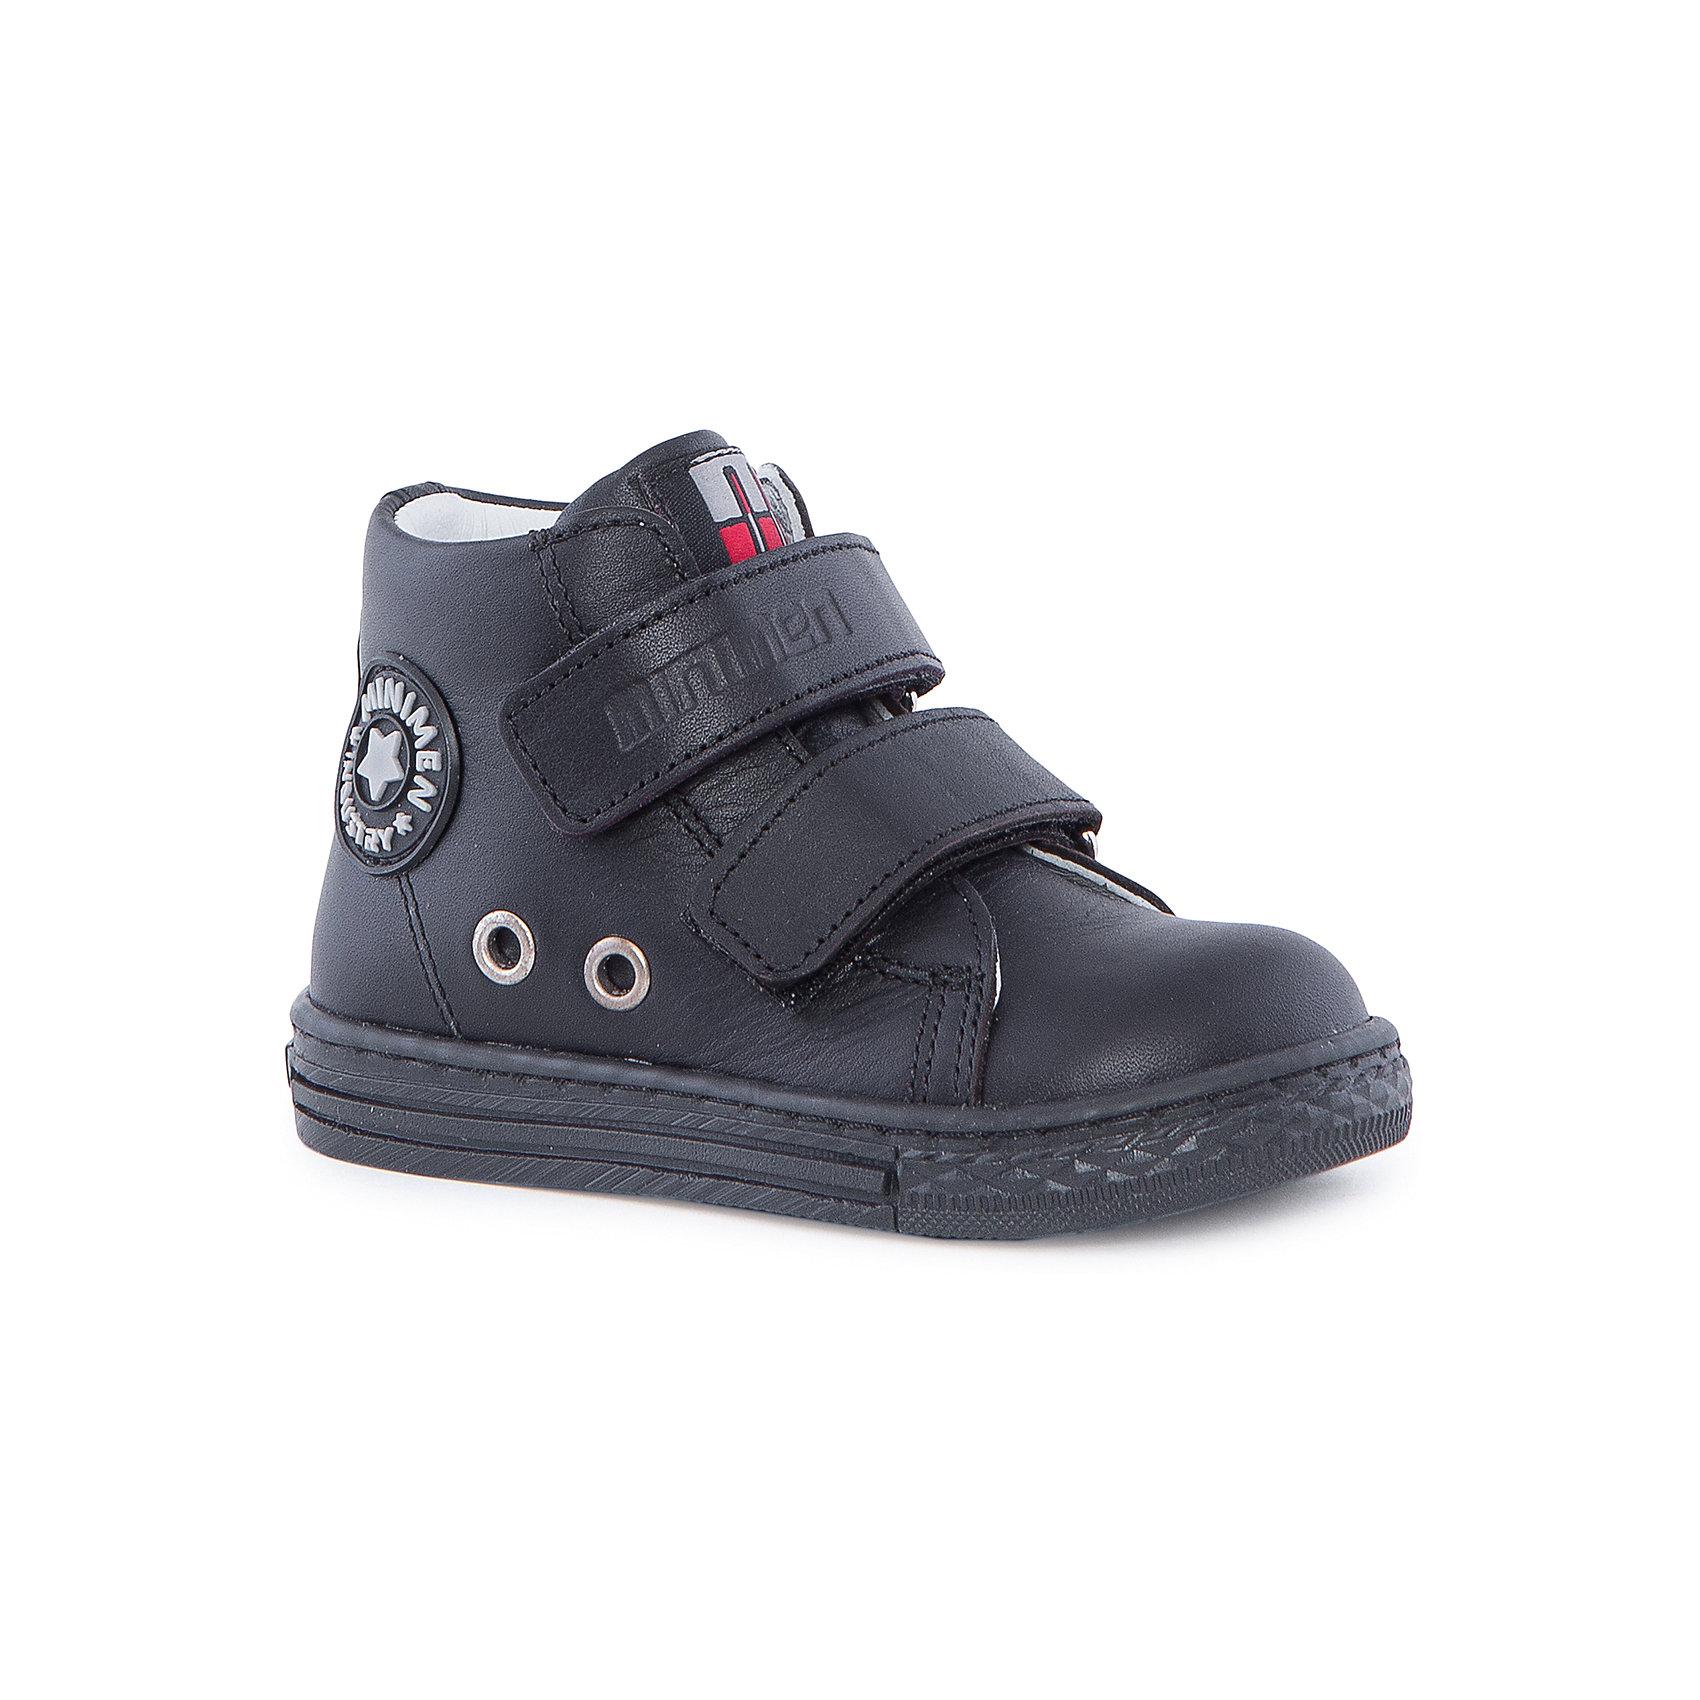 Ботинки для мальчика MinimenСтильные и практичные ботиночки от Minimen. Они имеют ортопедическую стельку и толстую подошву. Ботинки легко надевать и застегивать при помощи липучек. Кроме того, вы можете не переживать о промокших ногах, если ребенок пройдет по луже. Отлично подойдут для осени.<br><br>Дополнительная информация:<br>Стелька: супинатор<br>Цвет: темно-синий<br>Сезон: осень<br>Материал: кожа<br><br>Ботинки Minimen можно купить в нашем интернет-магазине.<br><br>Ширина мм: 262<br>Глубина мм: 176<br>Высота мм: 97<br>Вес г: 427<br>Цвет: синий<br>Возраст от месяцев: 24<br>Возраст до месяцев: 24<br>Пол: Мужской<br>Возраст: Детский<br>Размер: 25,30,26,27,28,29<br>SKU: 4970010